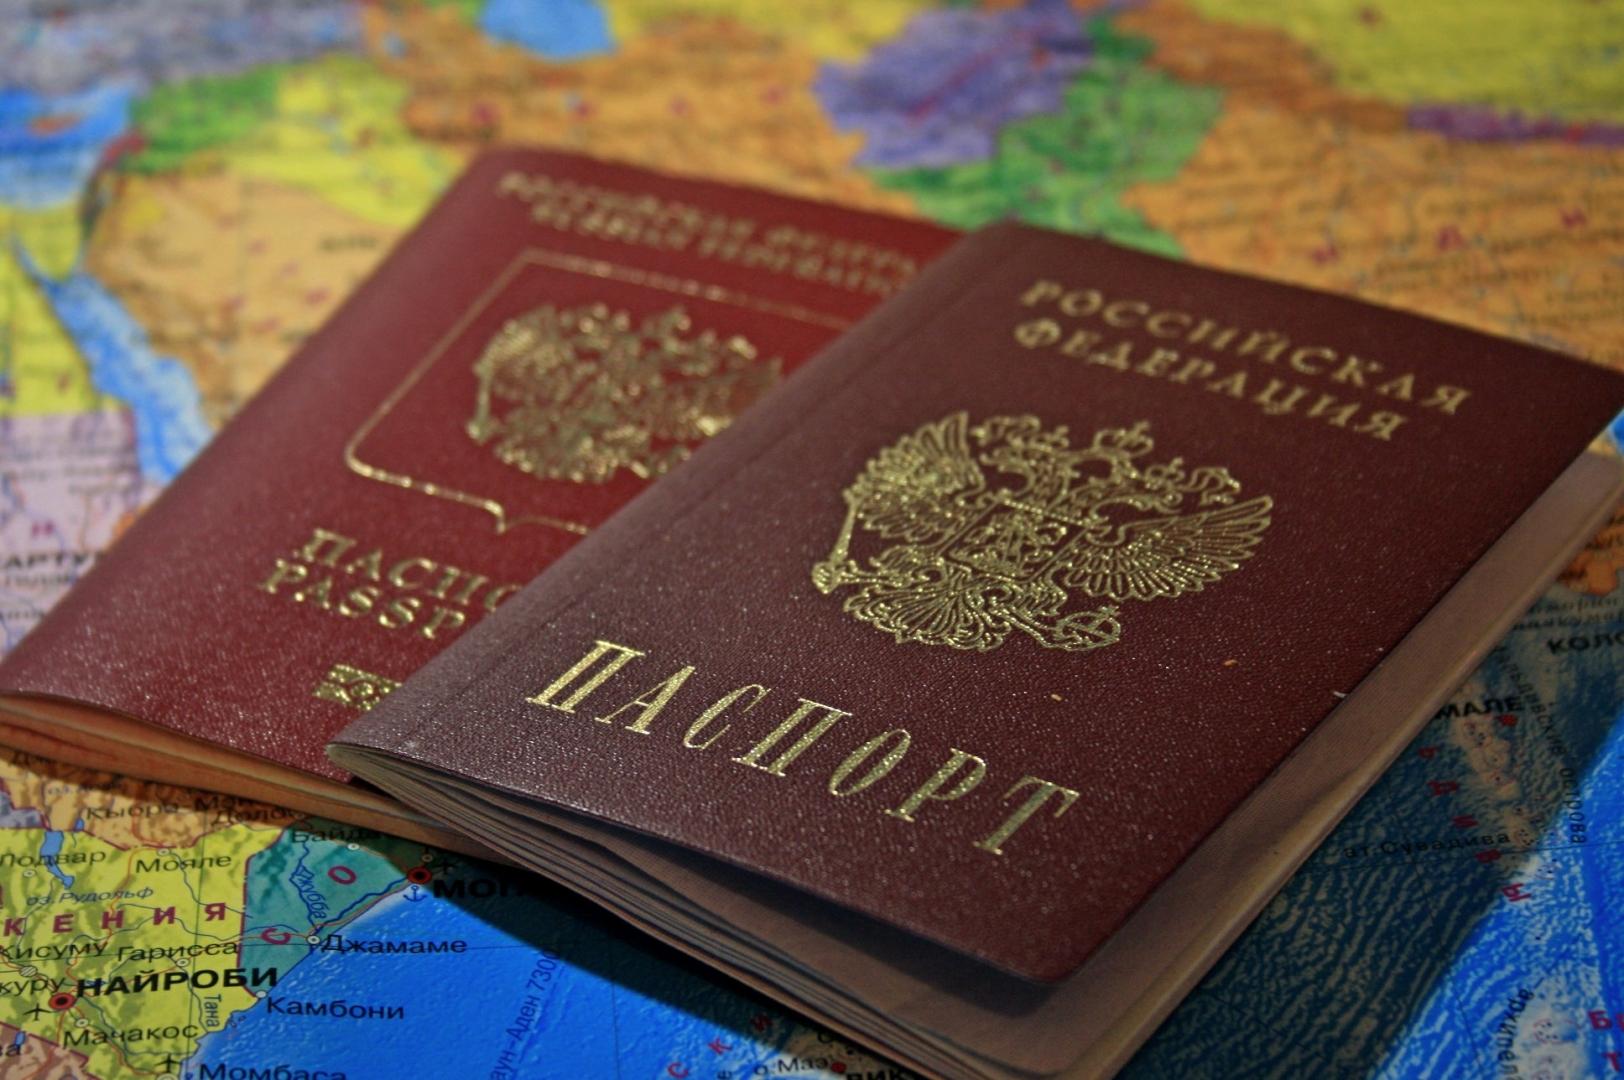 pridnestrove poprosilo vydachi rossijskih pasportov dlya svoih grazhdan